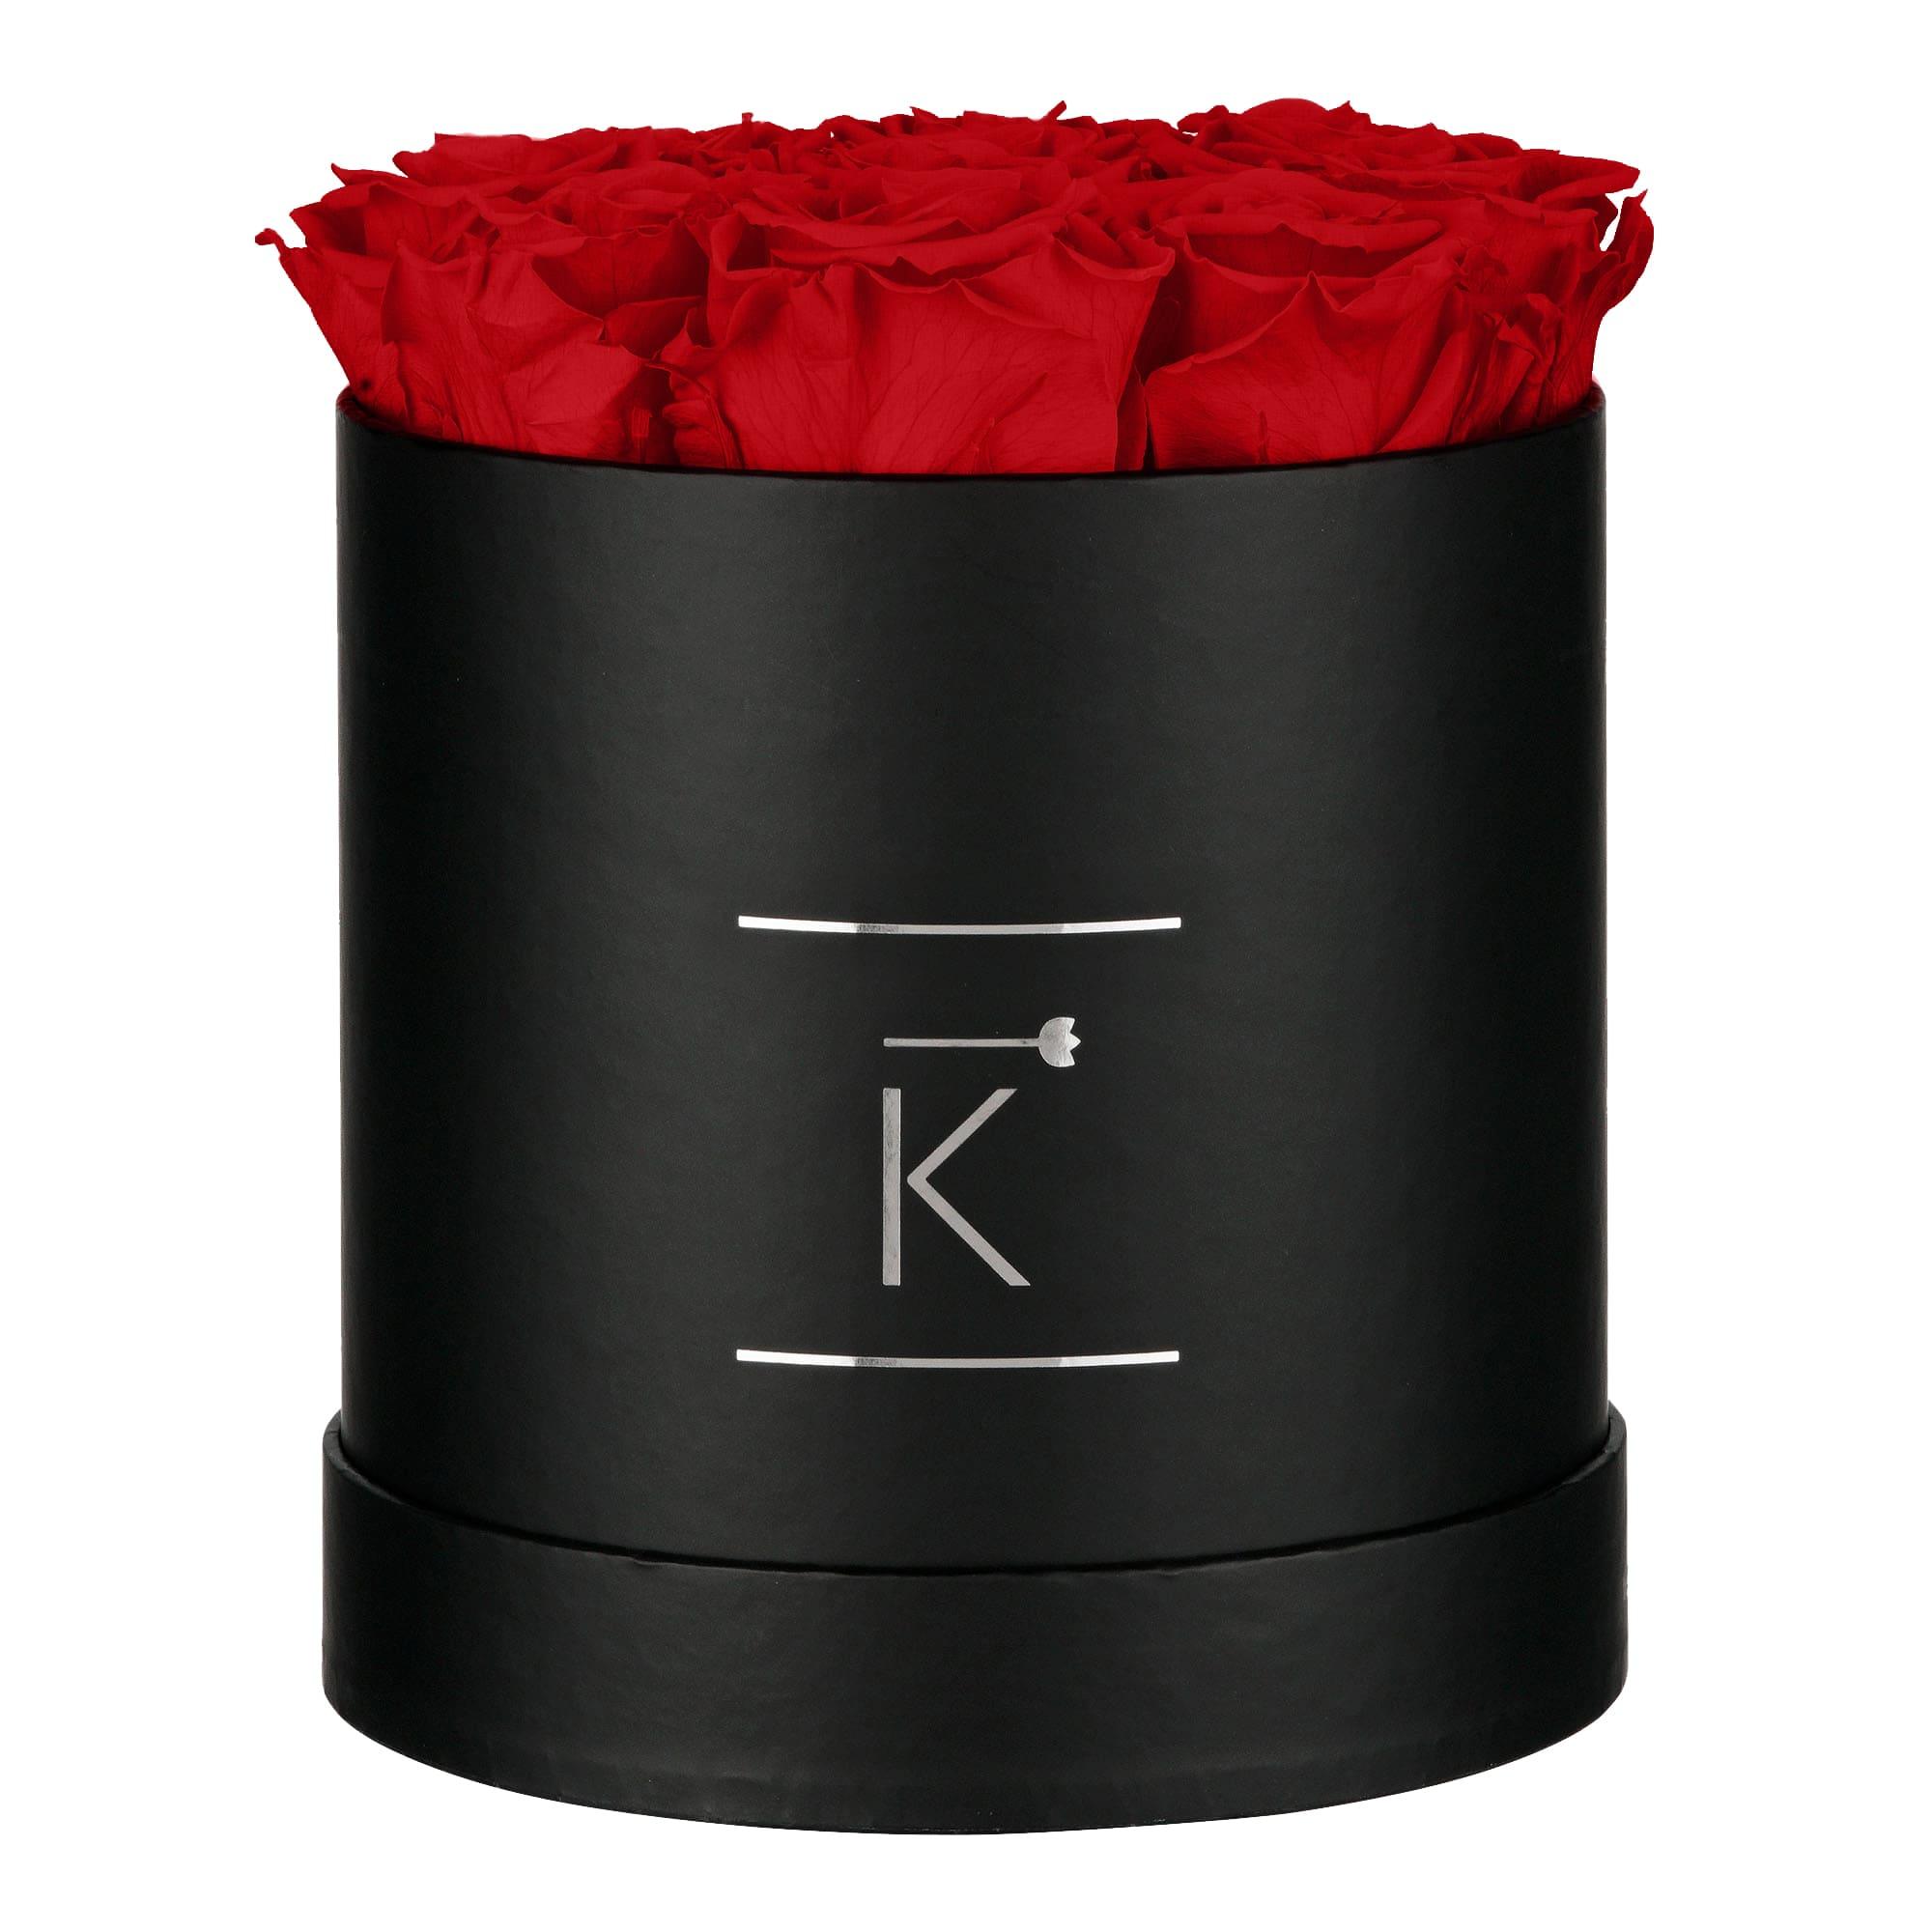 Runde schwarze Rosenbox mit roten Infinityrosen